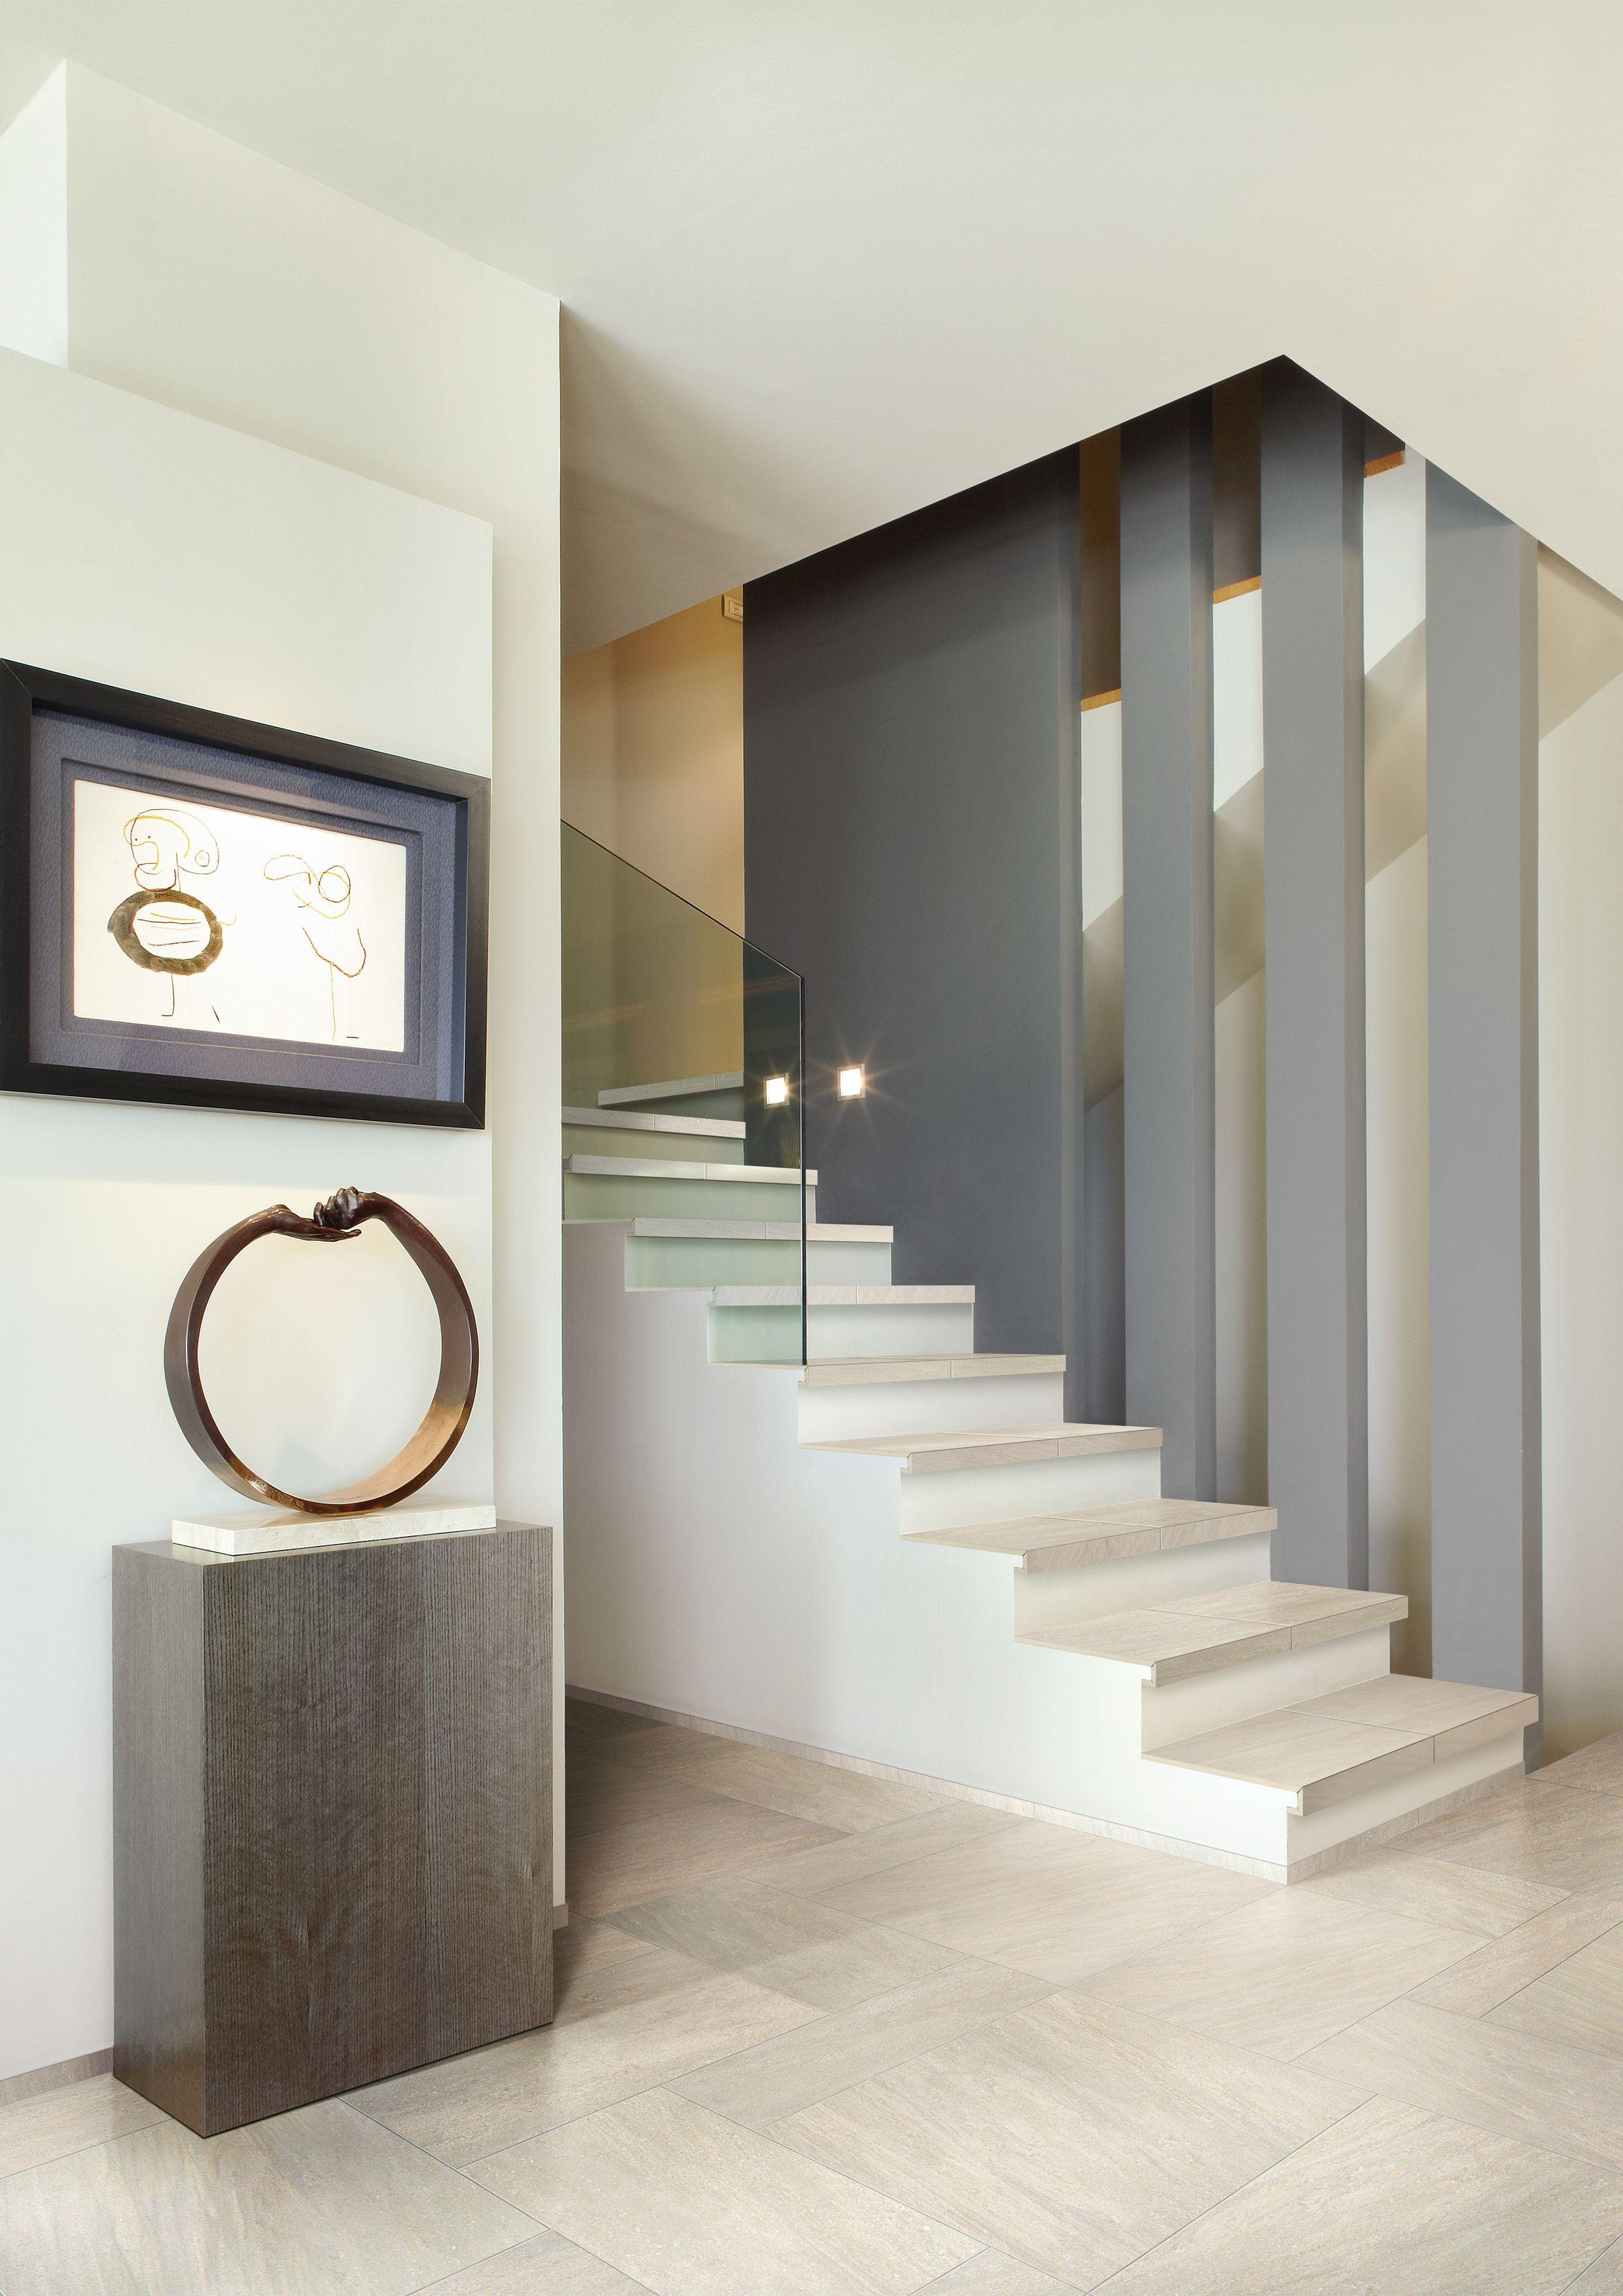 Sanfte Farben Bei Der Serie Lefka #einrichten #wohnzimmer #esszimmer #boden  #bodenfliese